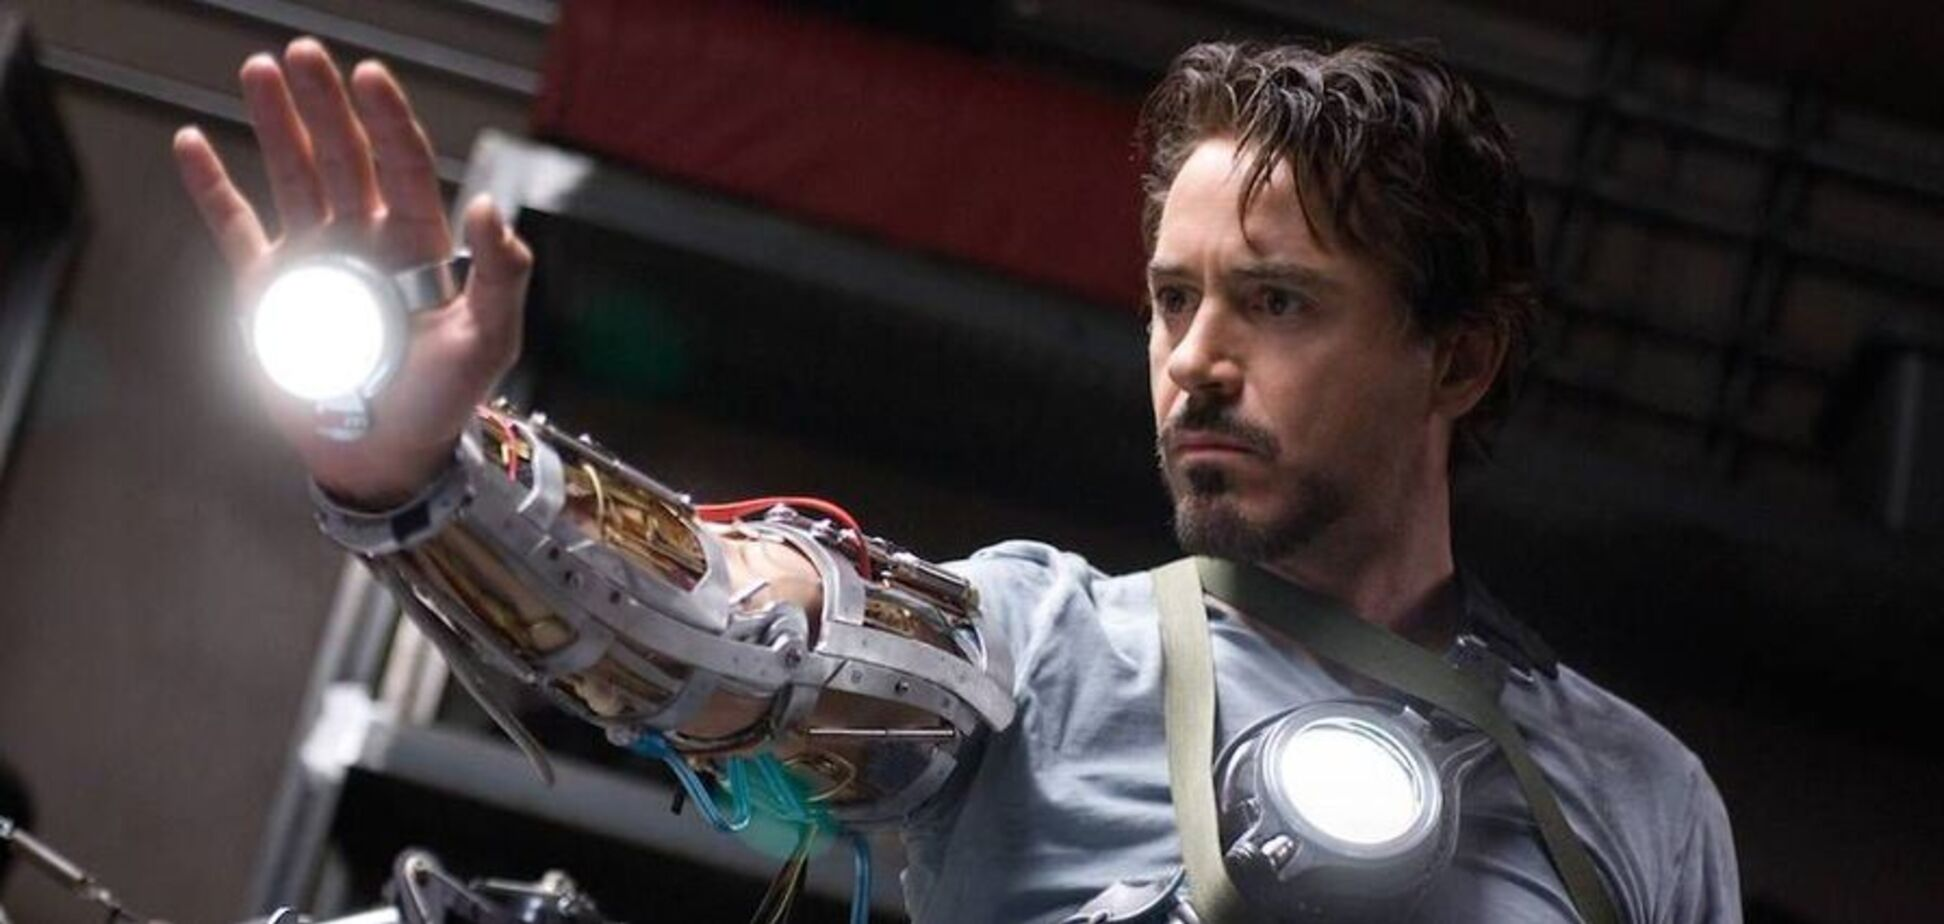 Ловкость или оружие? Какой костюм Железного человека вам подойдет. Тест